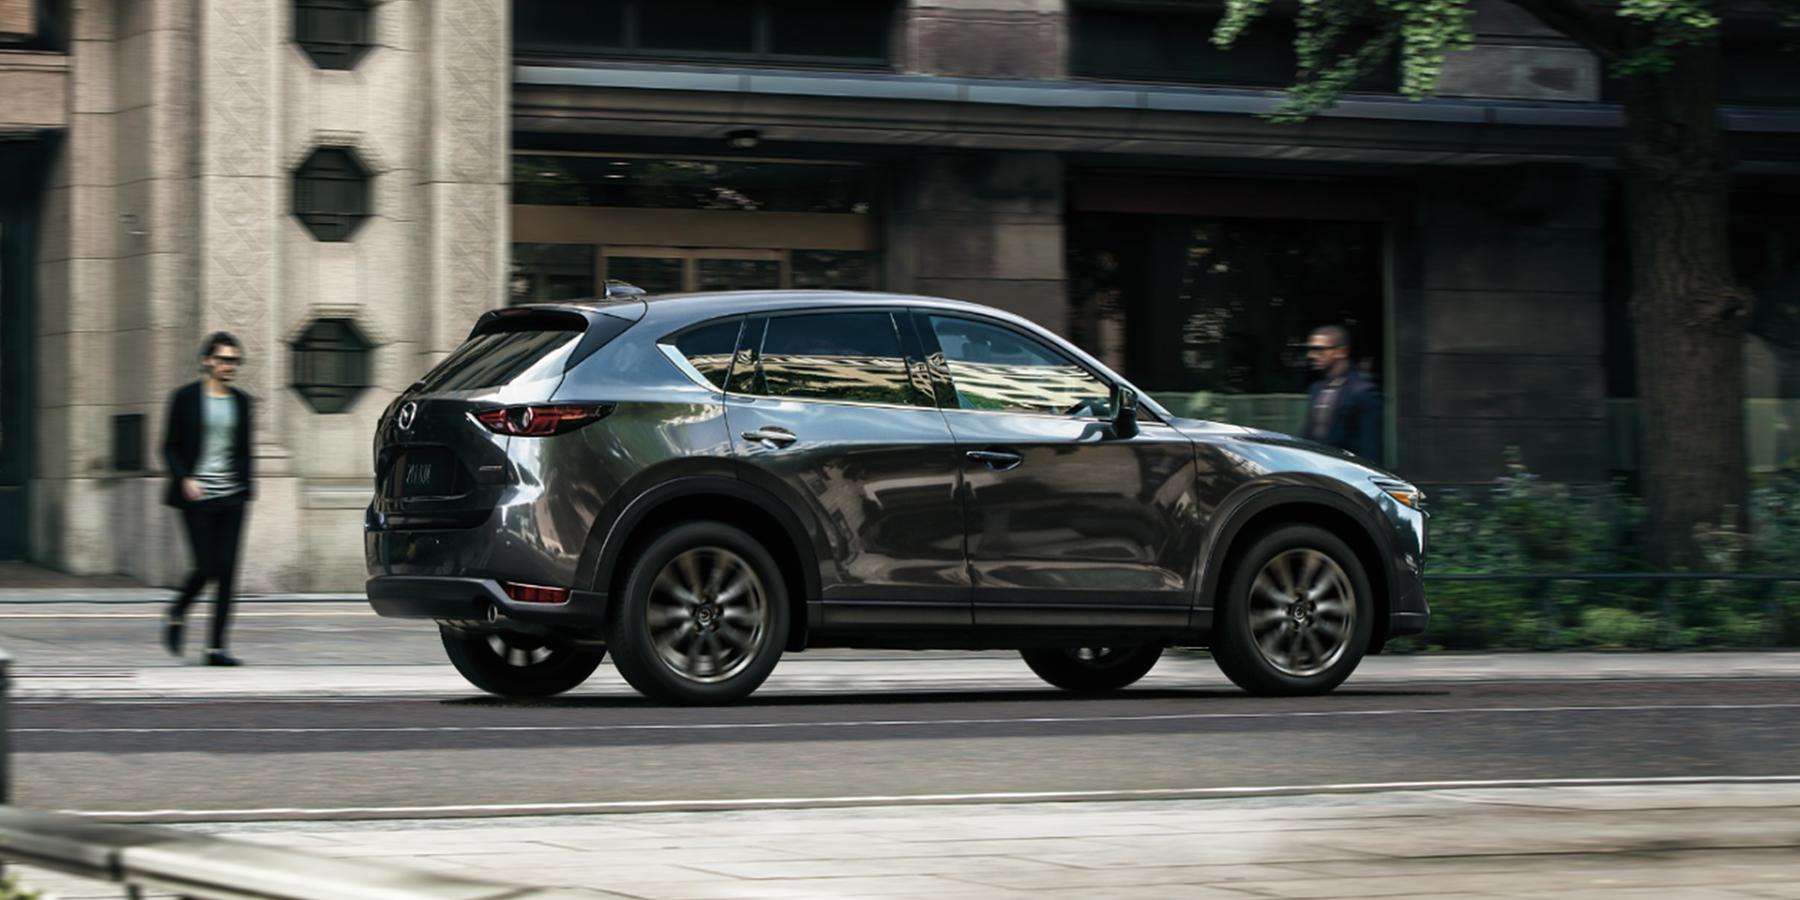 2019 Mazda CX-5 Diesel for Sale near Utica, NY